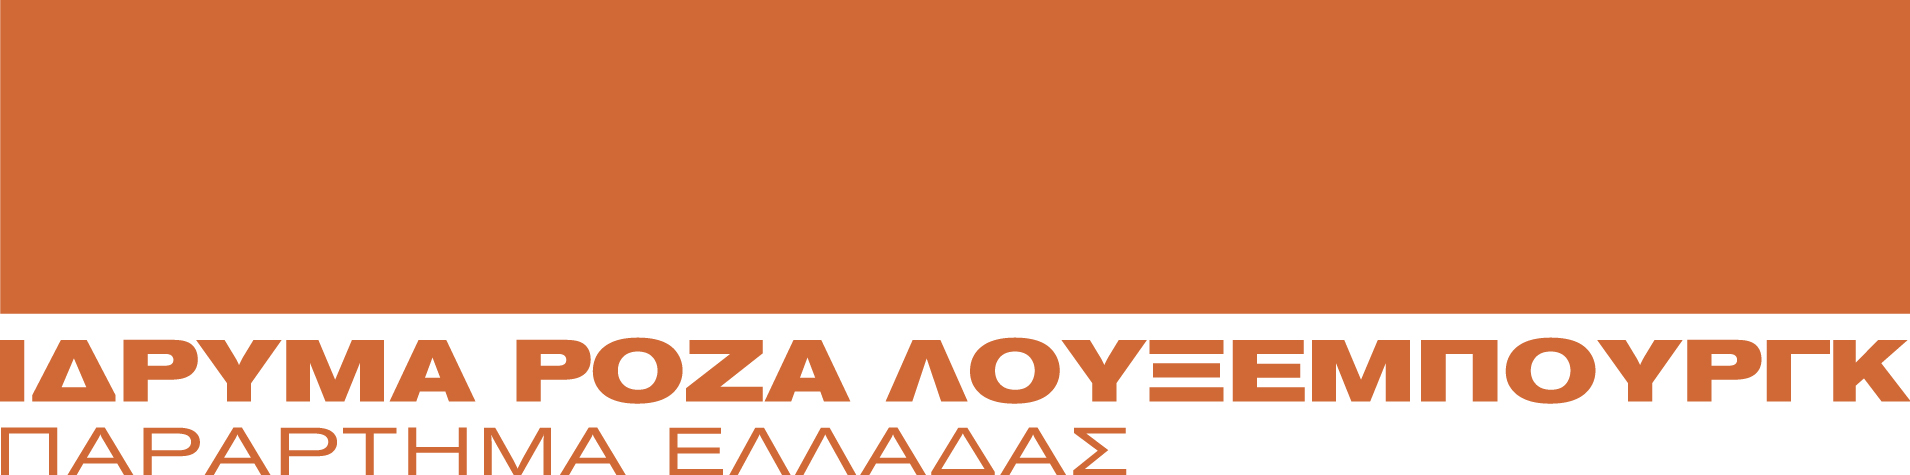 logo 1_GR.jpg